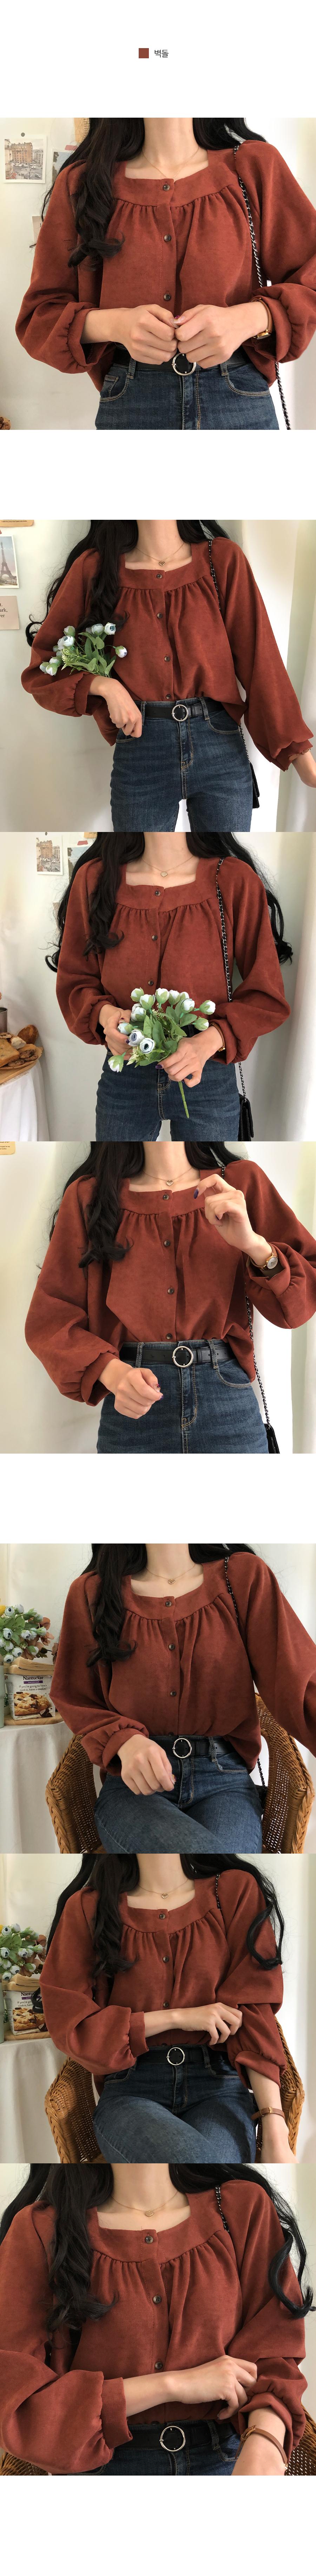 Lauren square-neck peach blouse